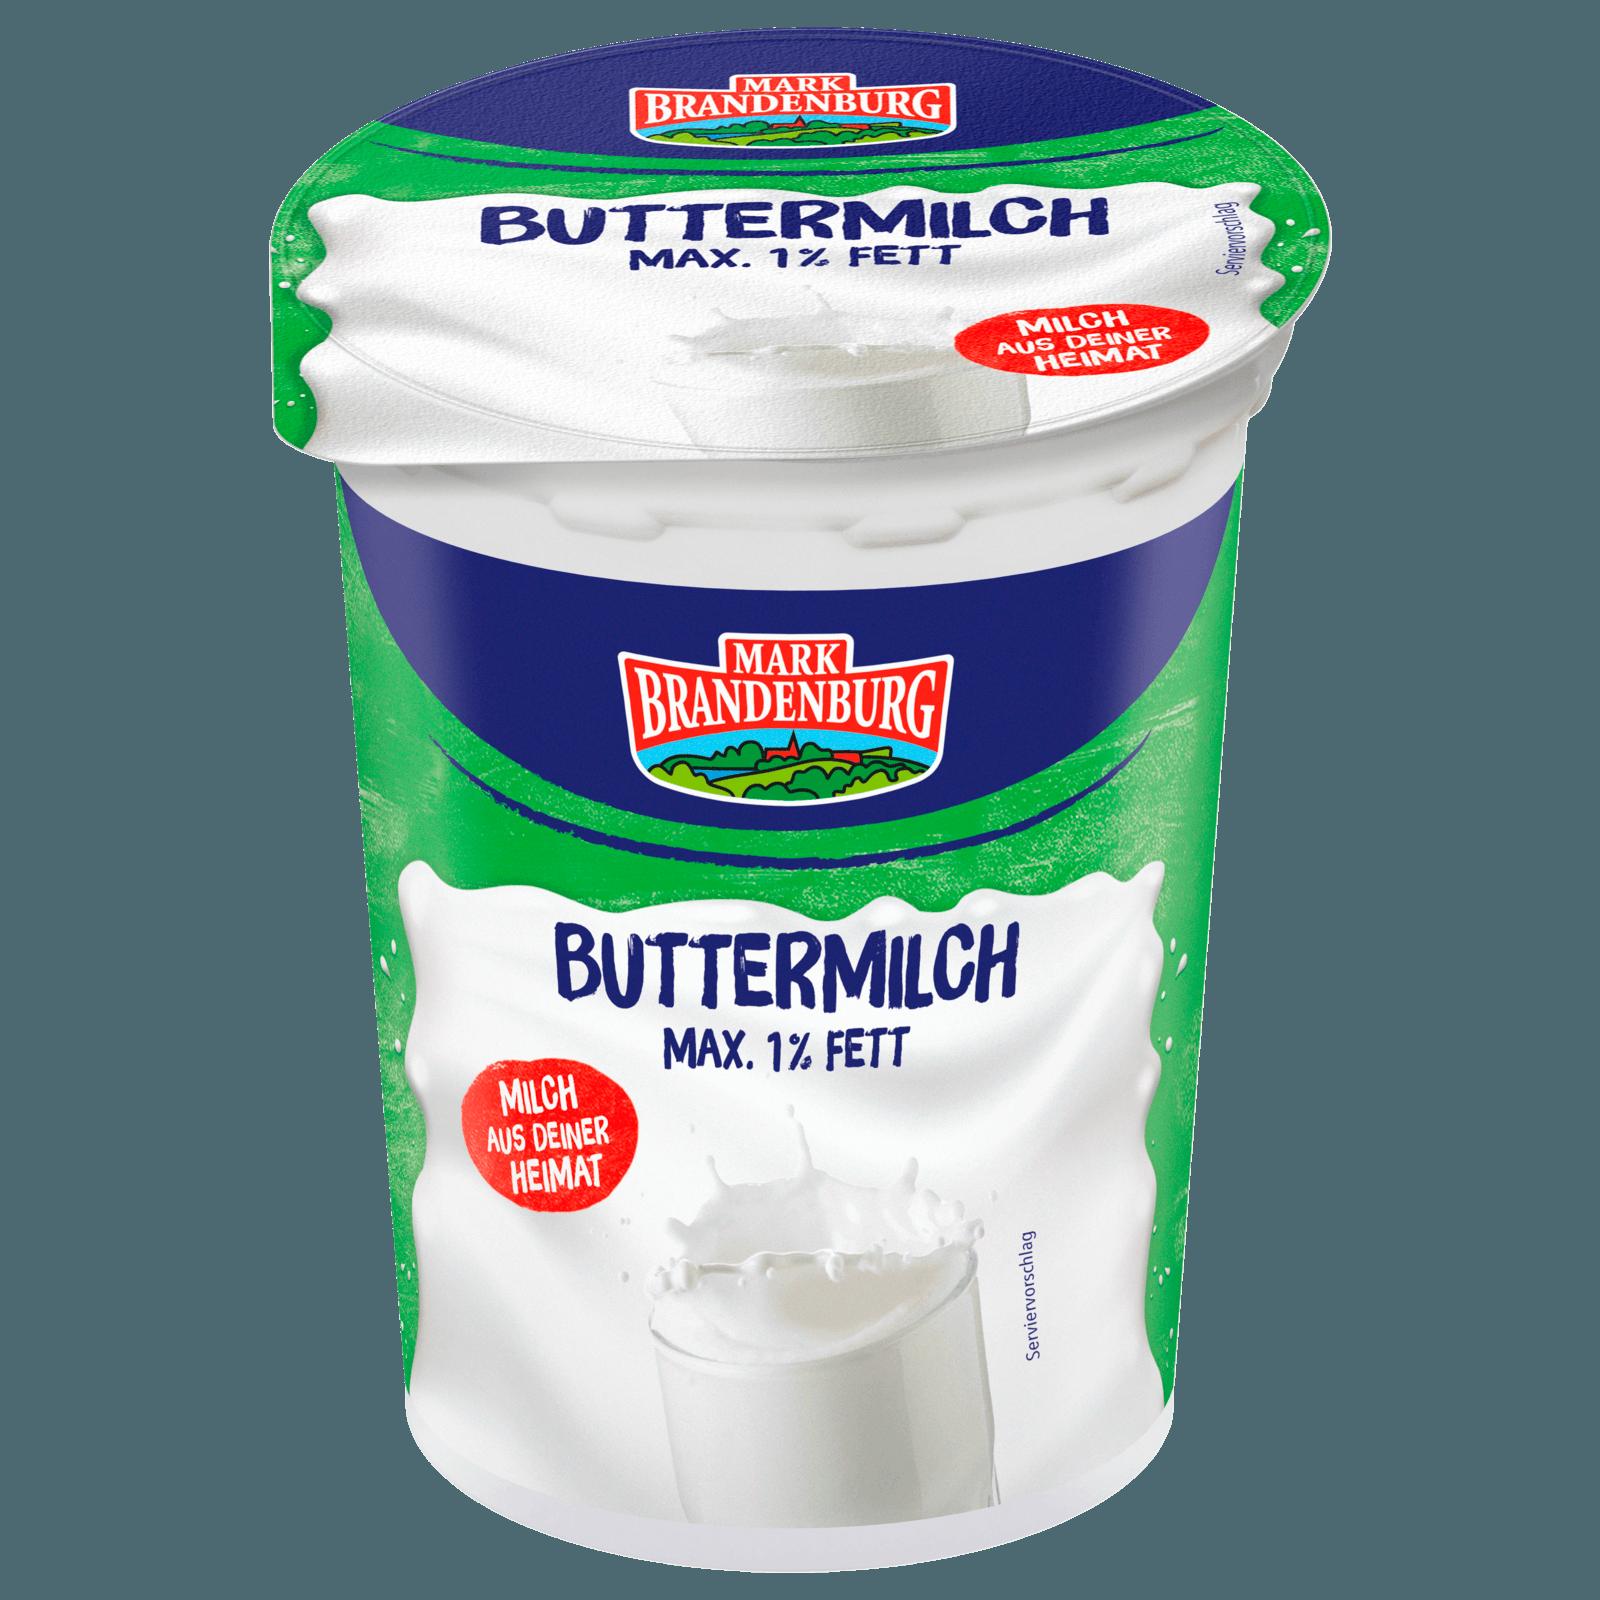 Mark Brandenburg Buttermilch 500g